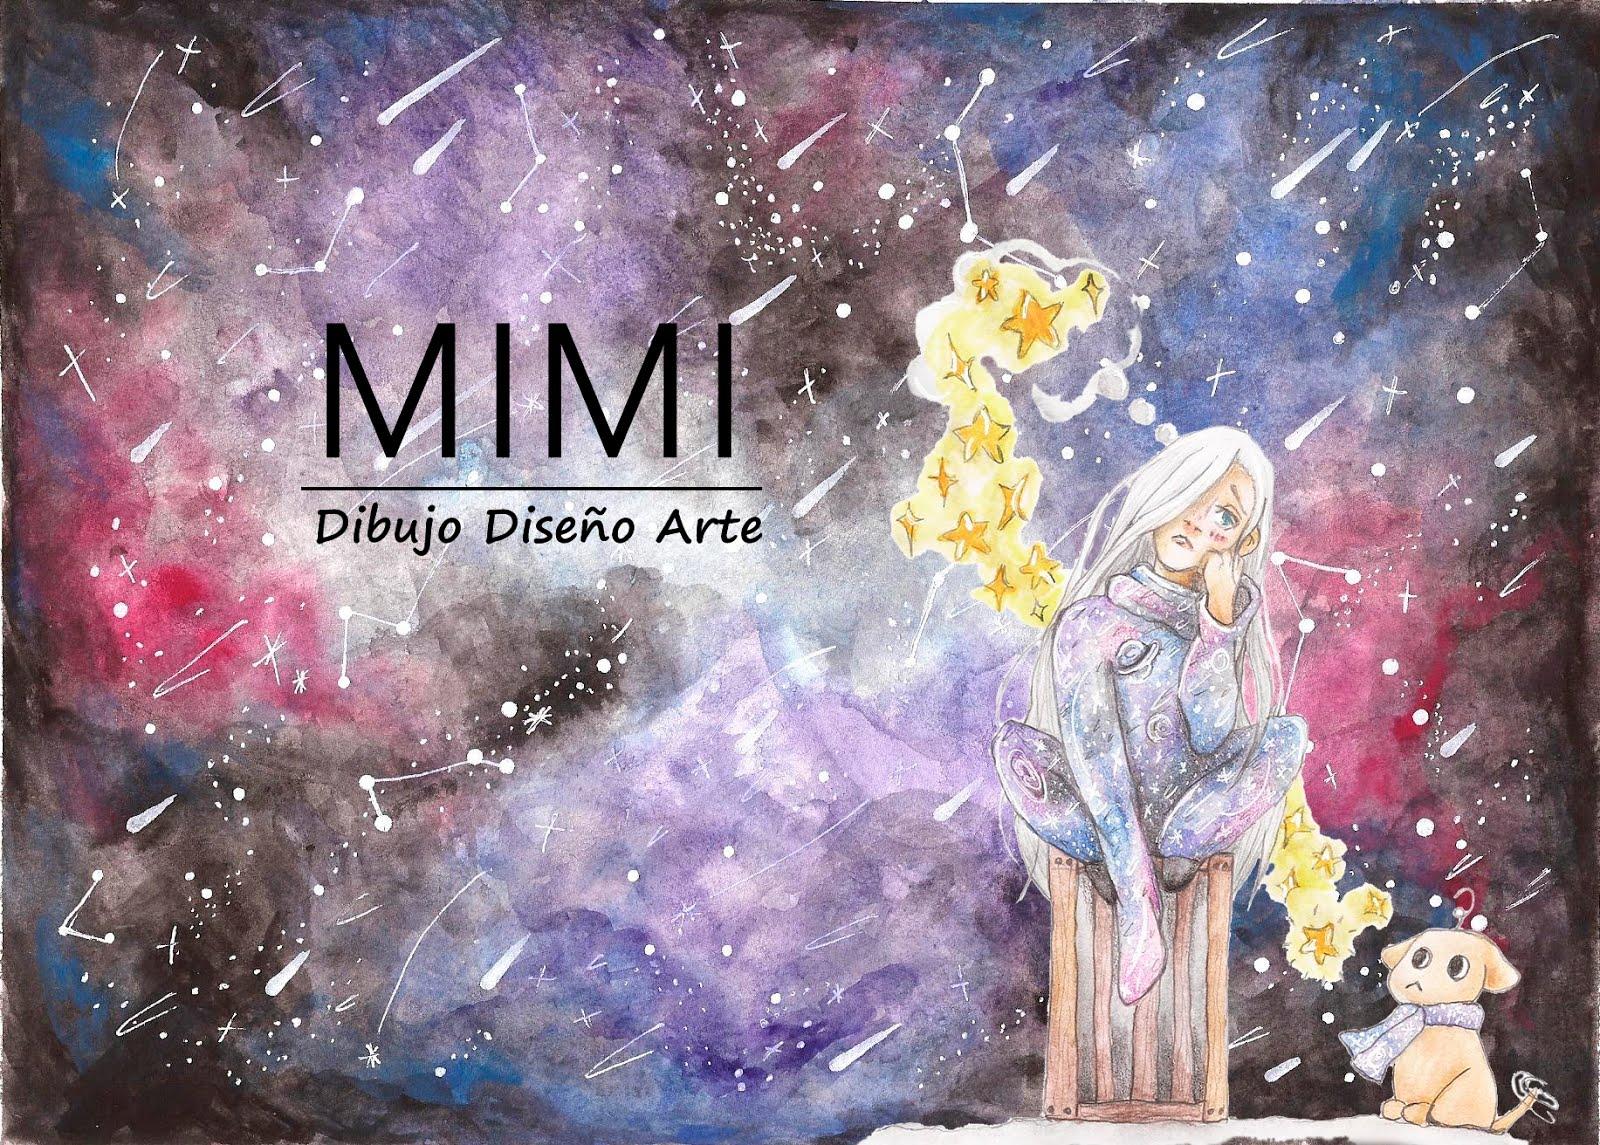 Mi arte, dibujos y diseño